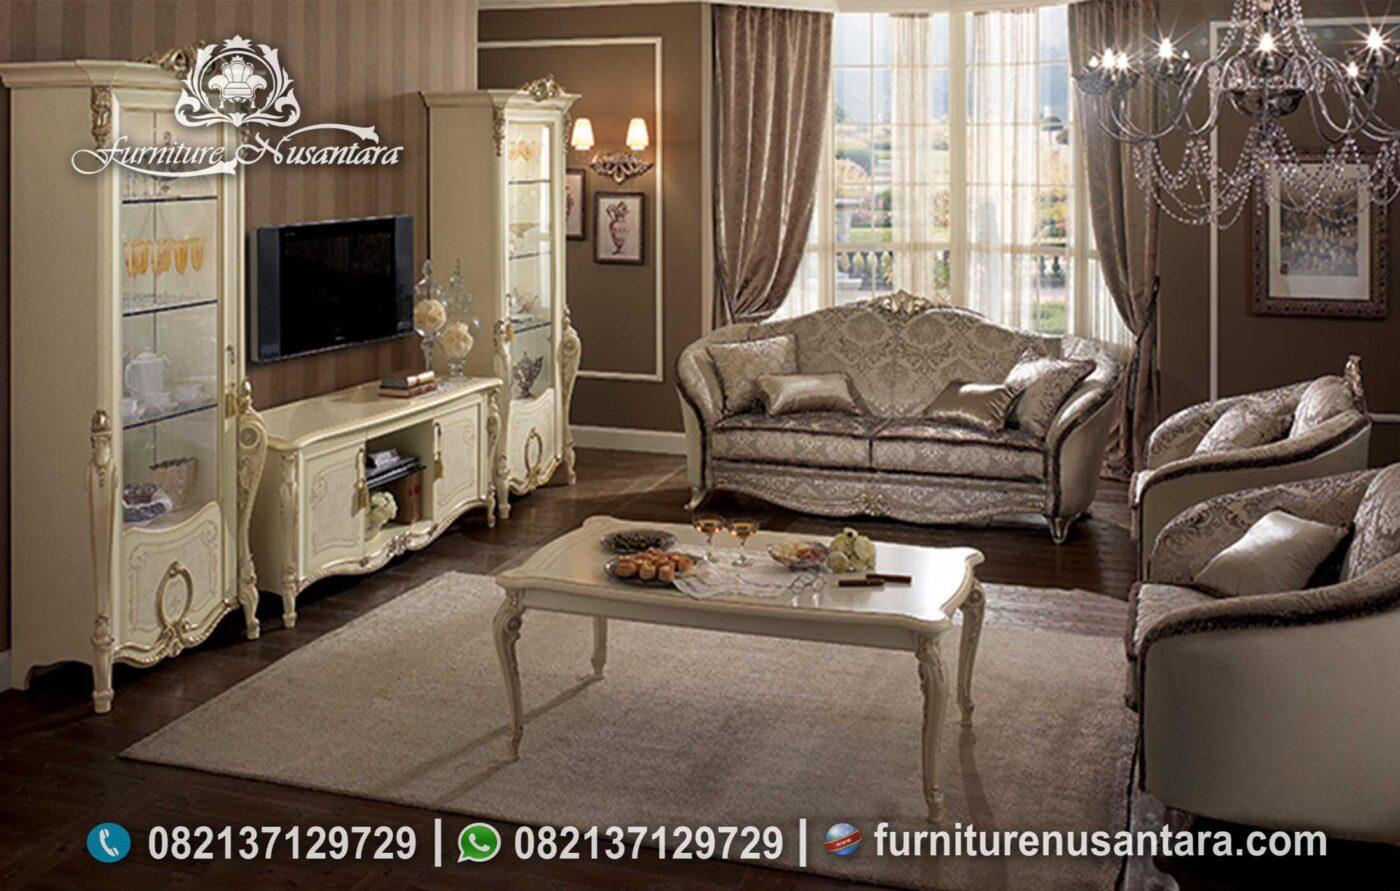 Terbaik! Sofa Klasik Ruang Keluarga Donatello ST-130